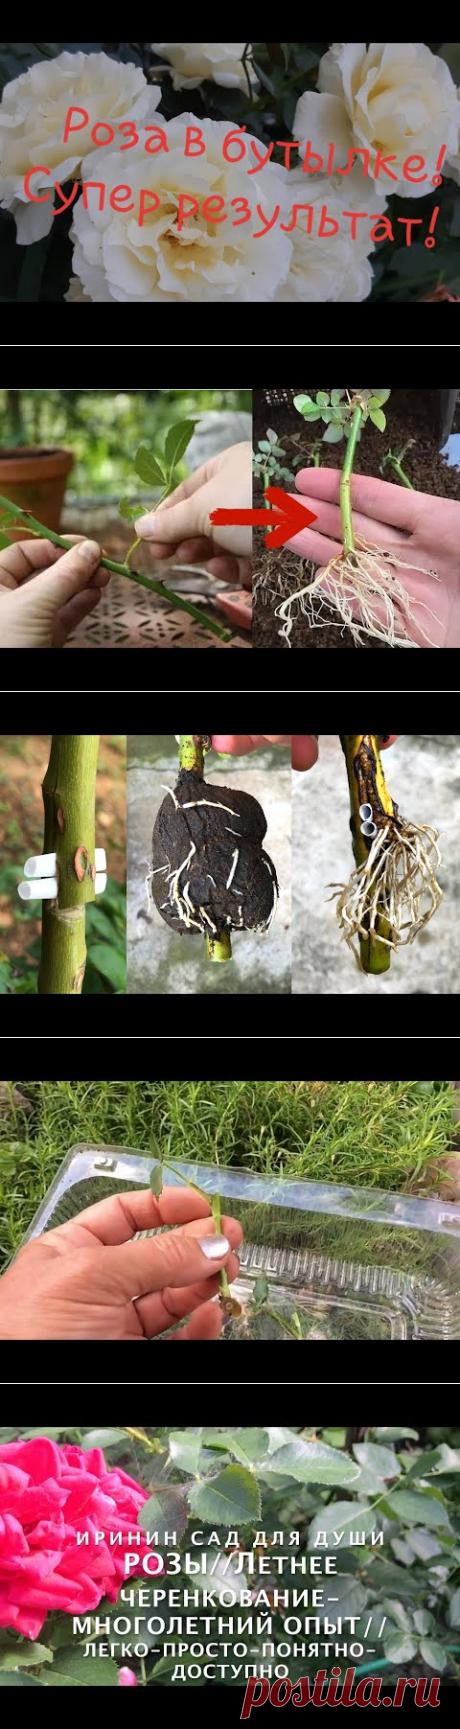 Череночник из бутылки! Черенкование роз удаётся на УРА!!!🍀🤩//Борис Борисов - YouTube